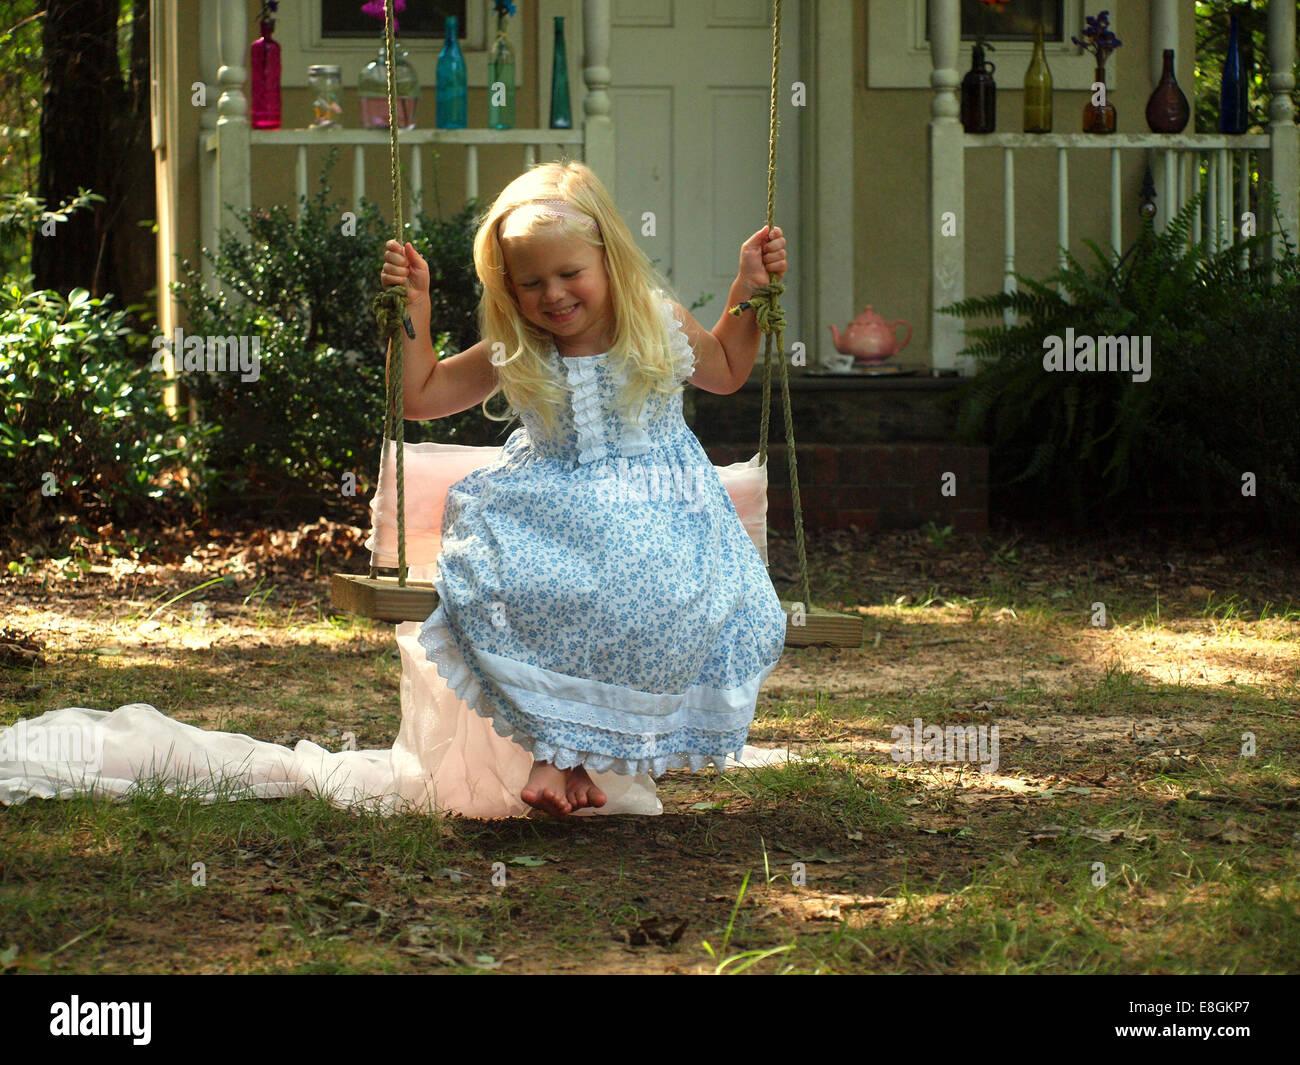 Statesville, Iredell County, North Carolina, Stati Uniti d'America felicemente oscillante Immagini Stock